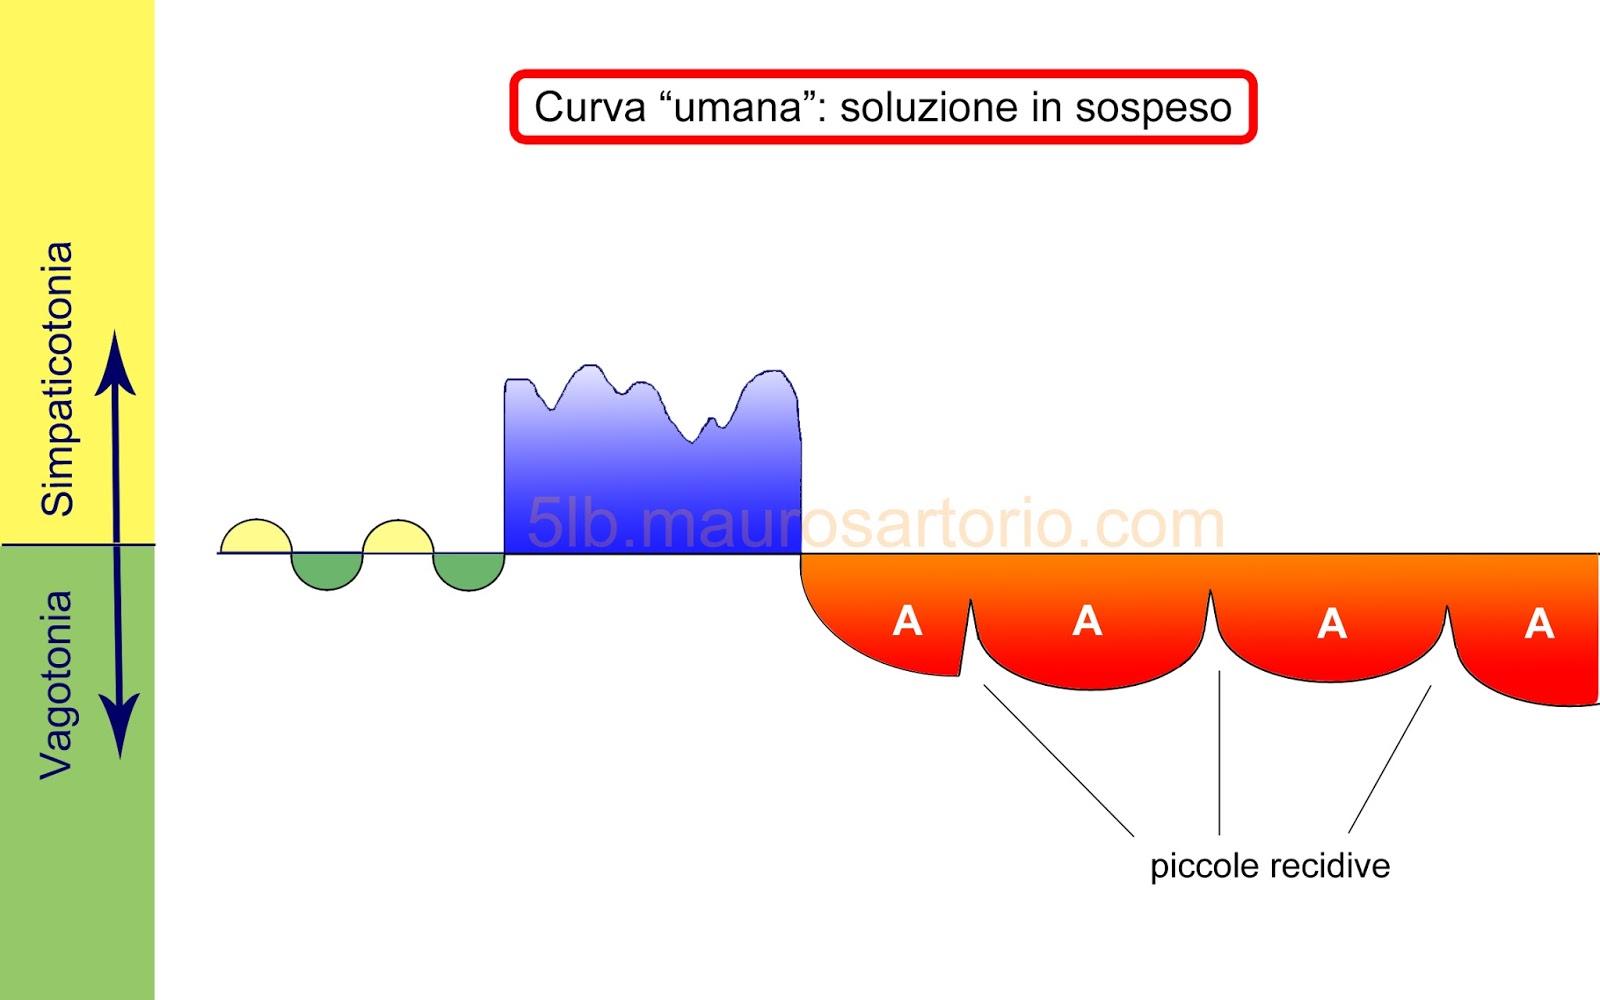 Curva bifasica sospesa 5 leggi biologiche